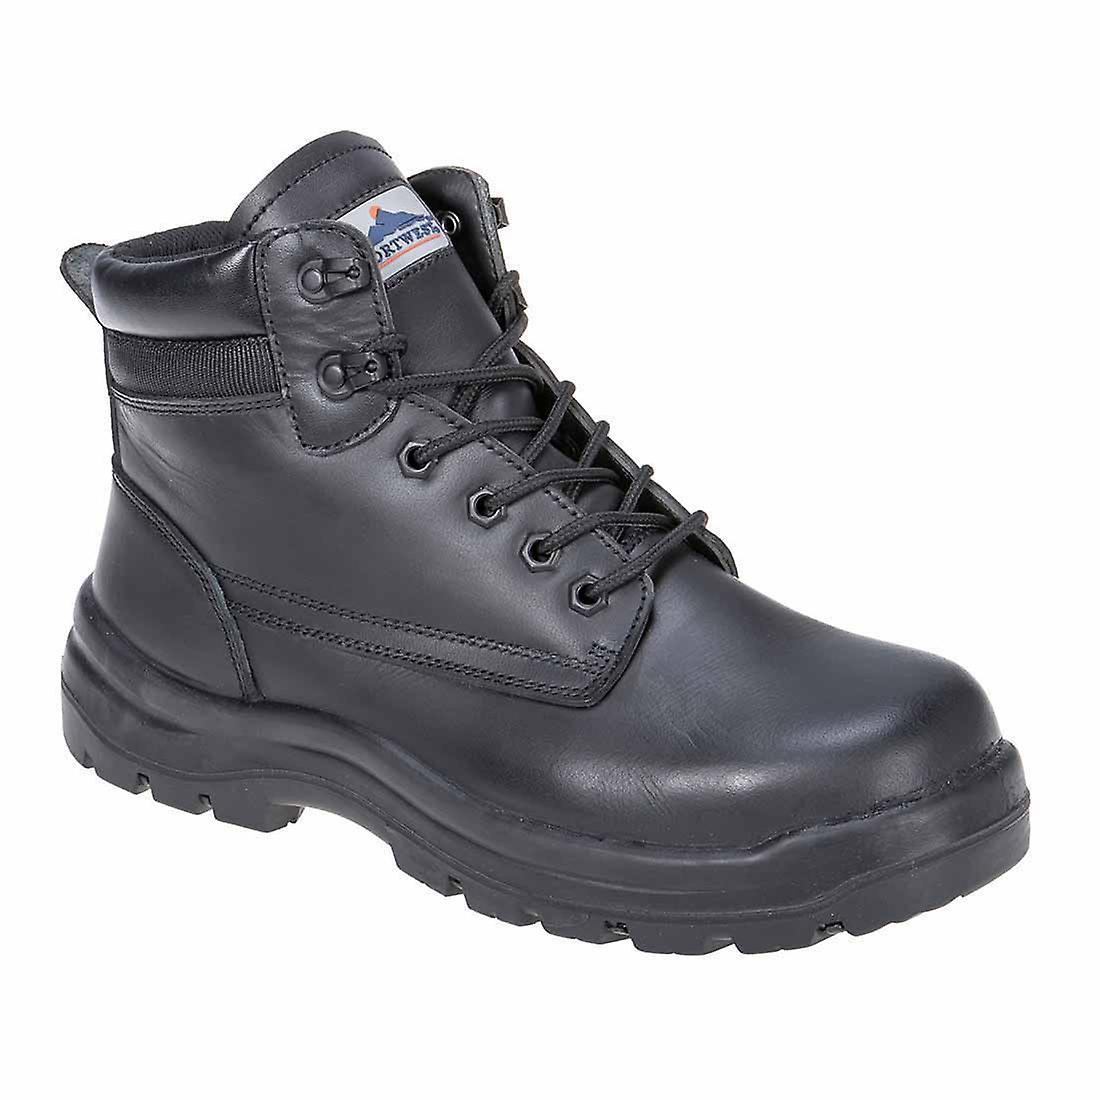 Work Workwear HI HRO Foyle Portwest Safety S3 Boot Ankle CI FO f5TqgCwB